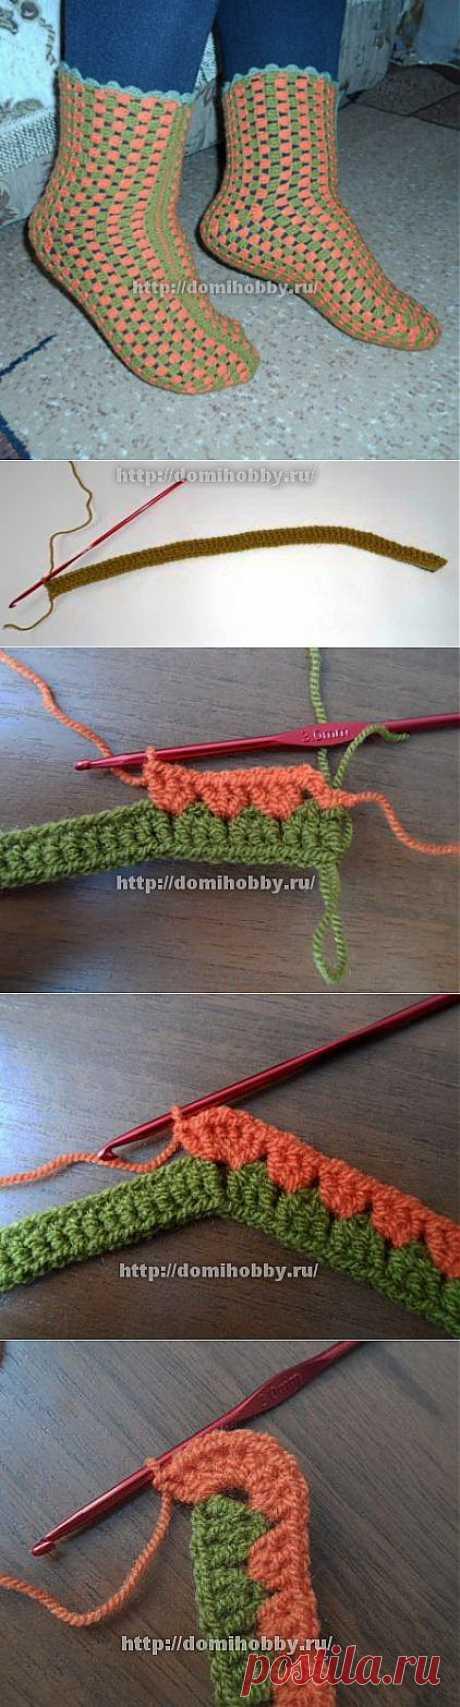 Вязание носков крючком для дома